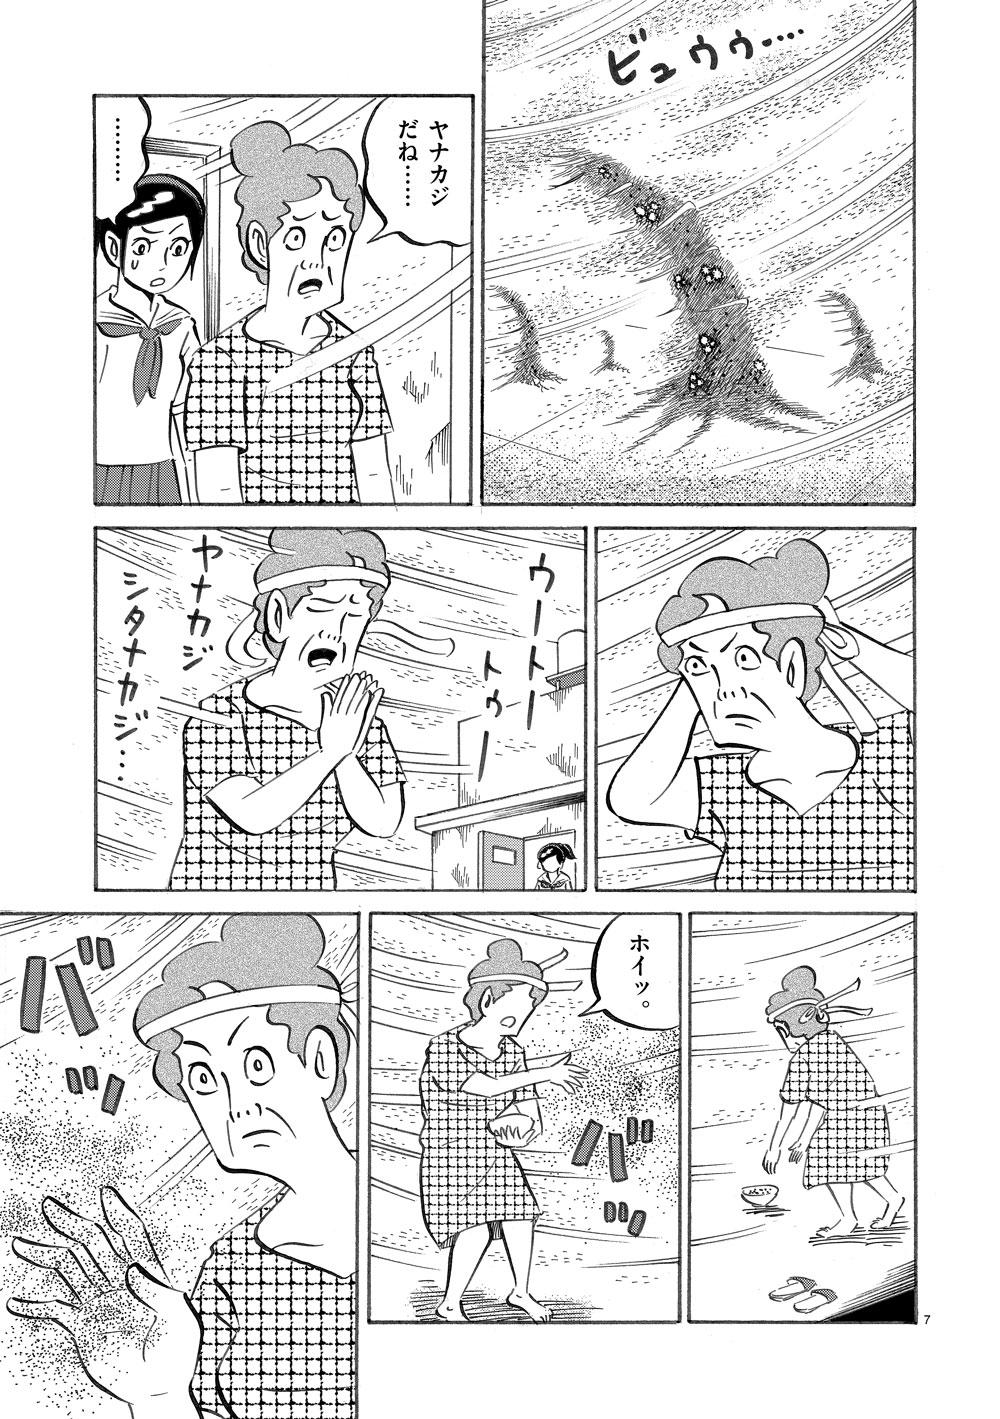 琉球怪談 【第11話】WEB掲載7ページ目画像